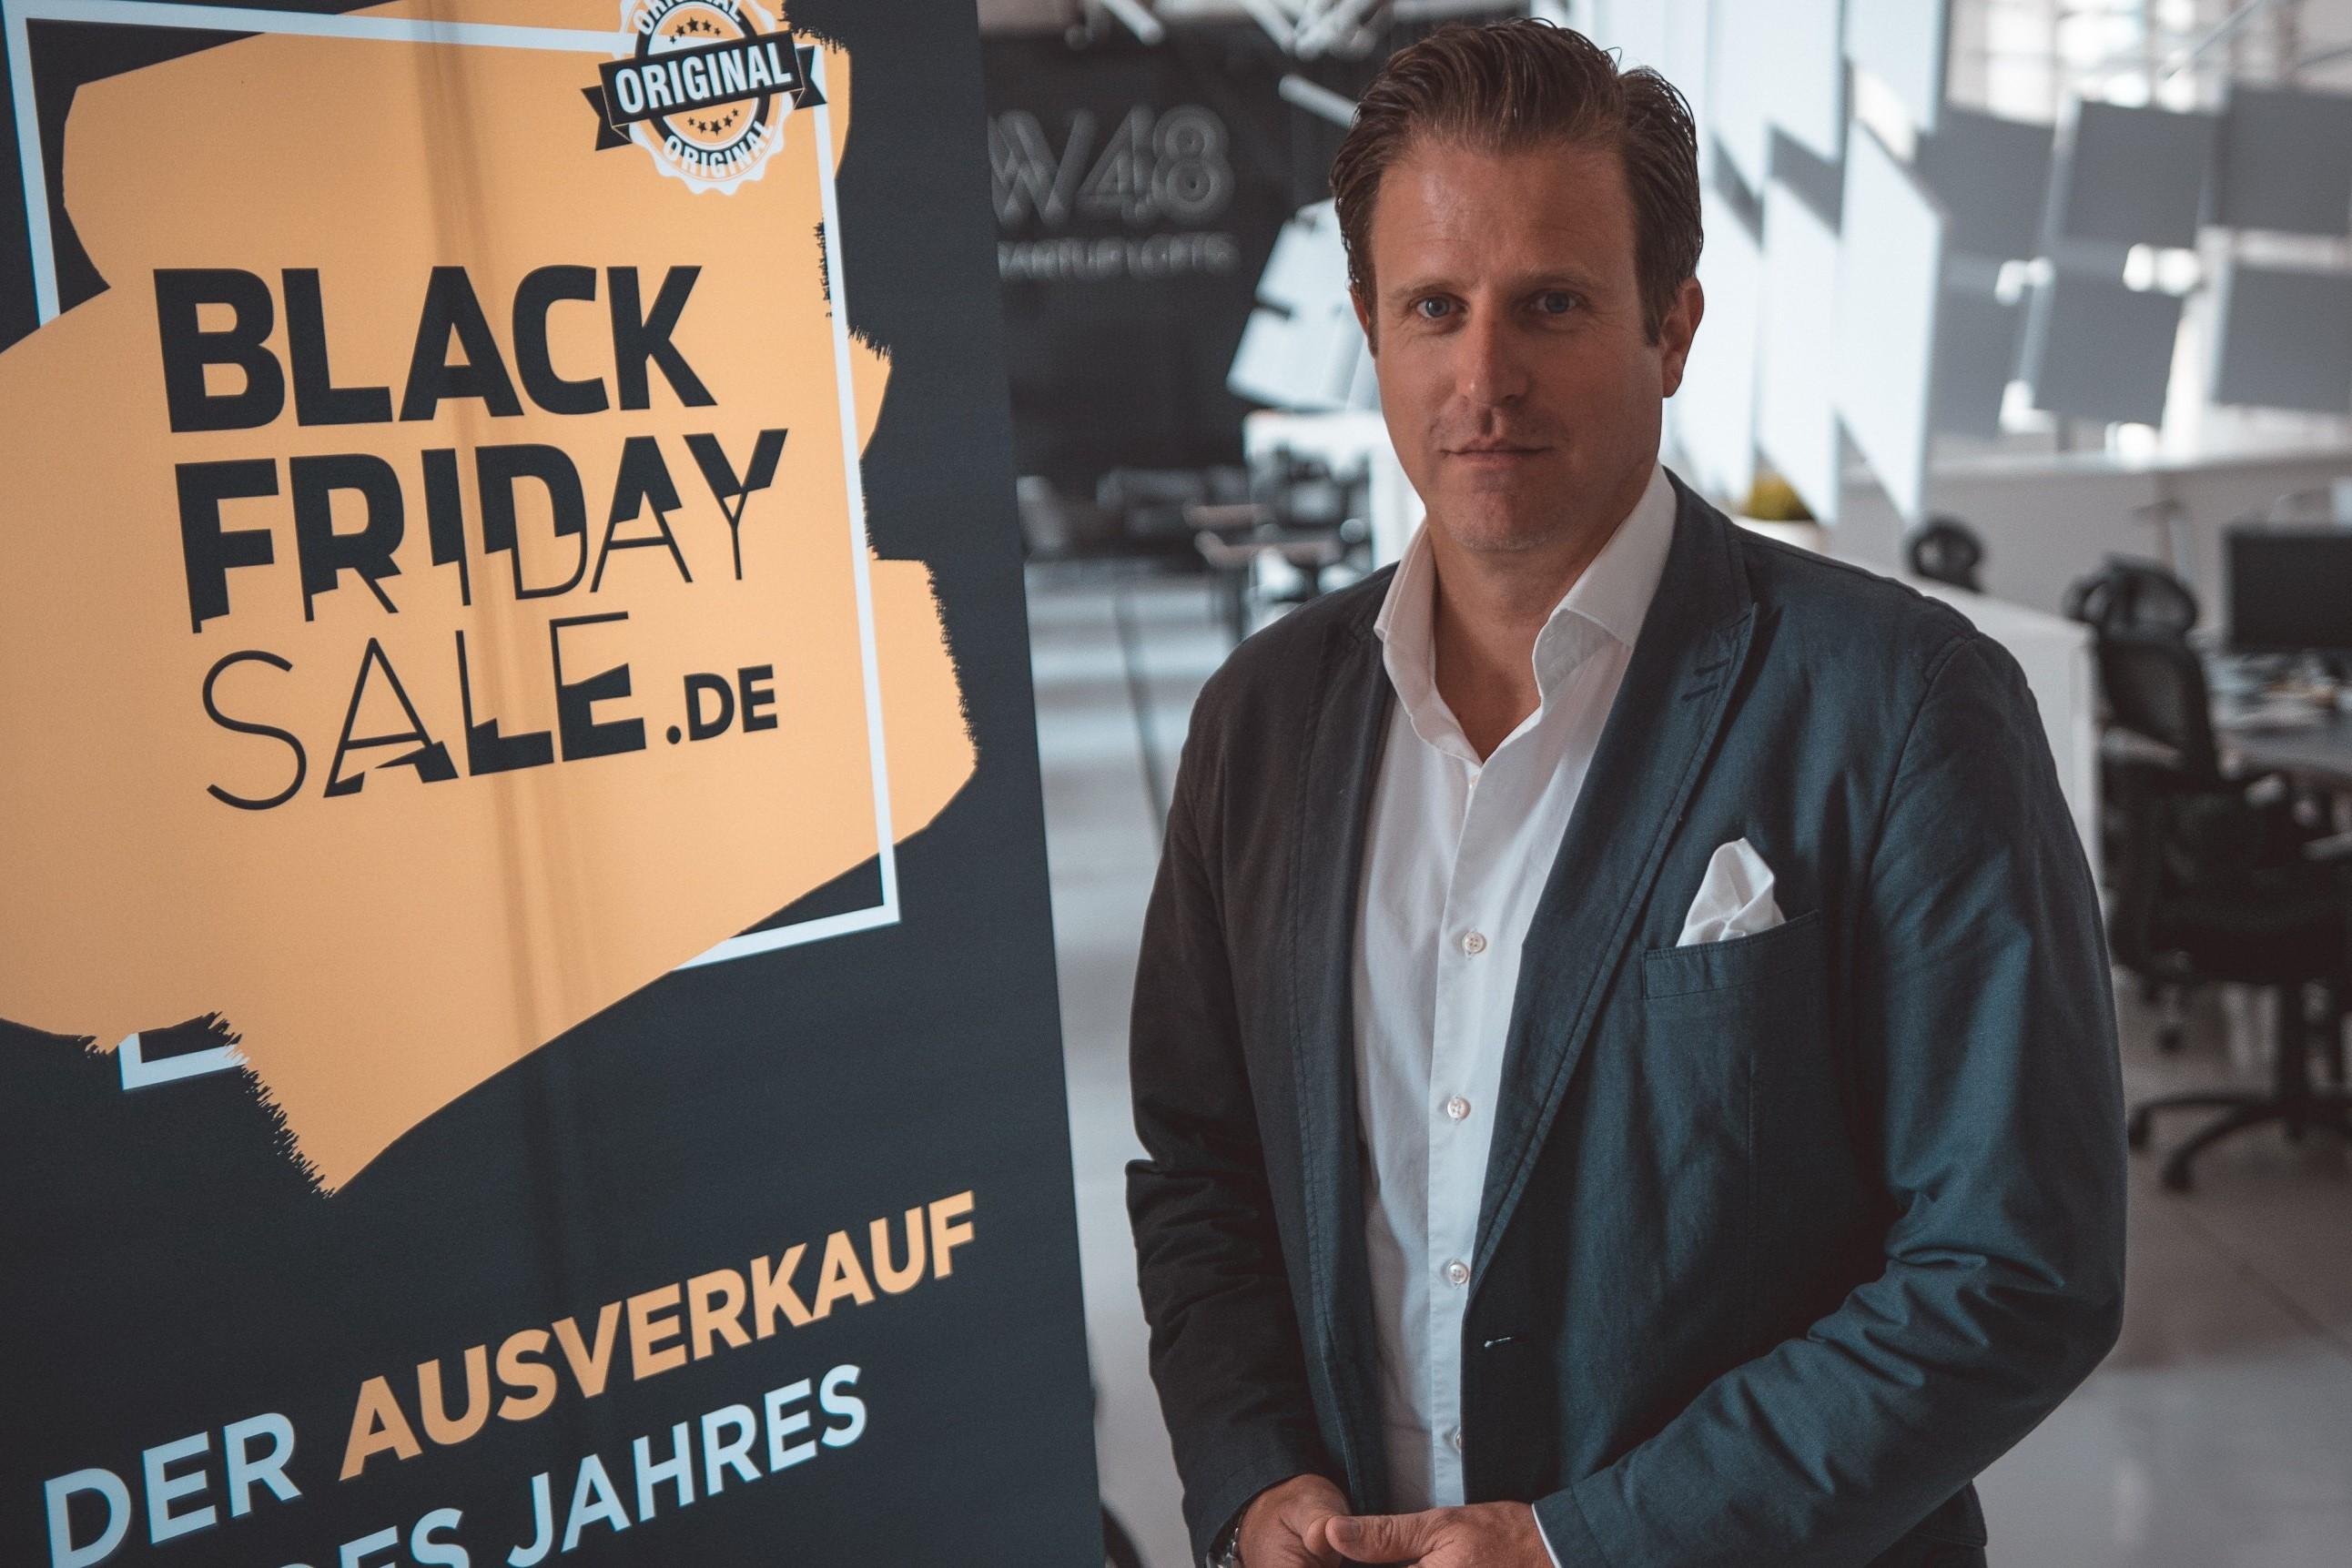 Black Friday: Status Quo der Marke